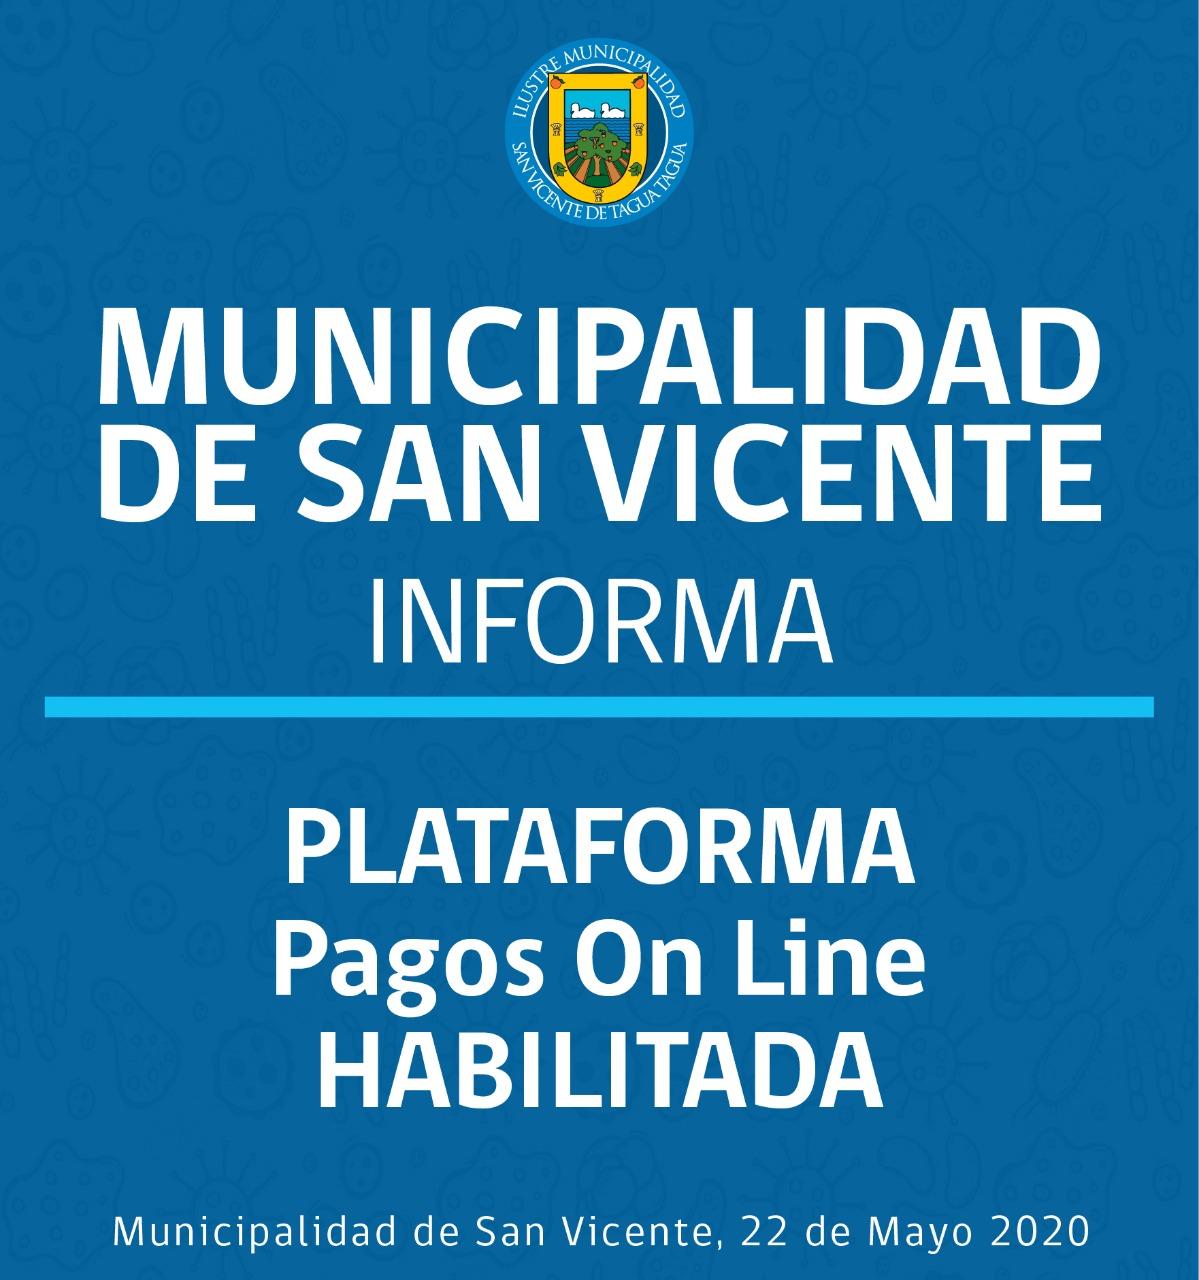 PLATAFORMA DE PAGOS Y TRÁMITES ONLINE HABILITADA‼️